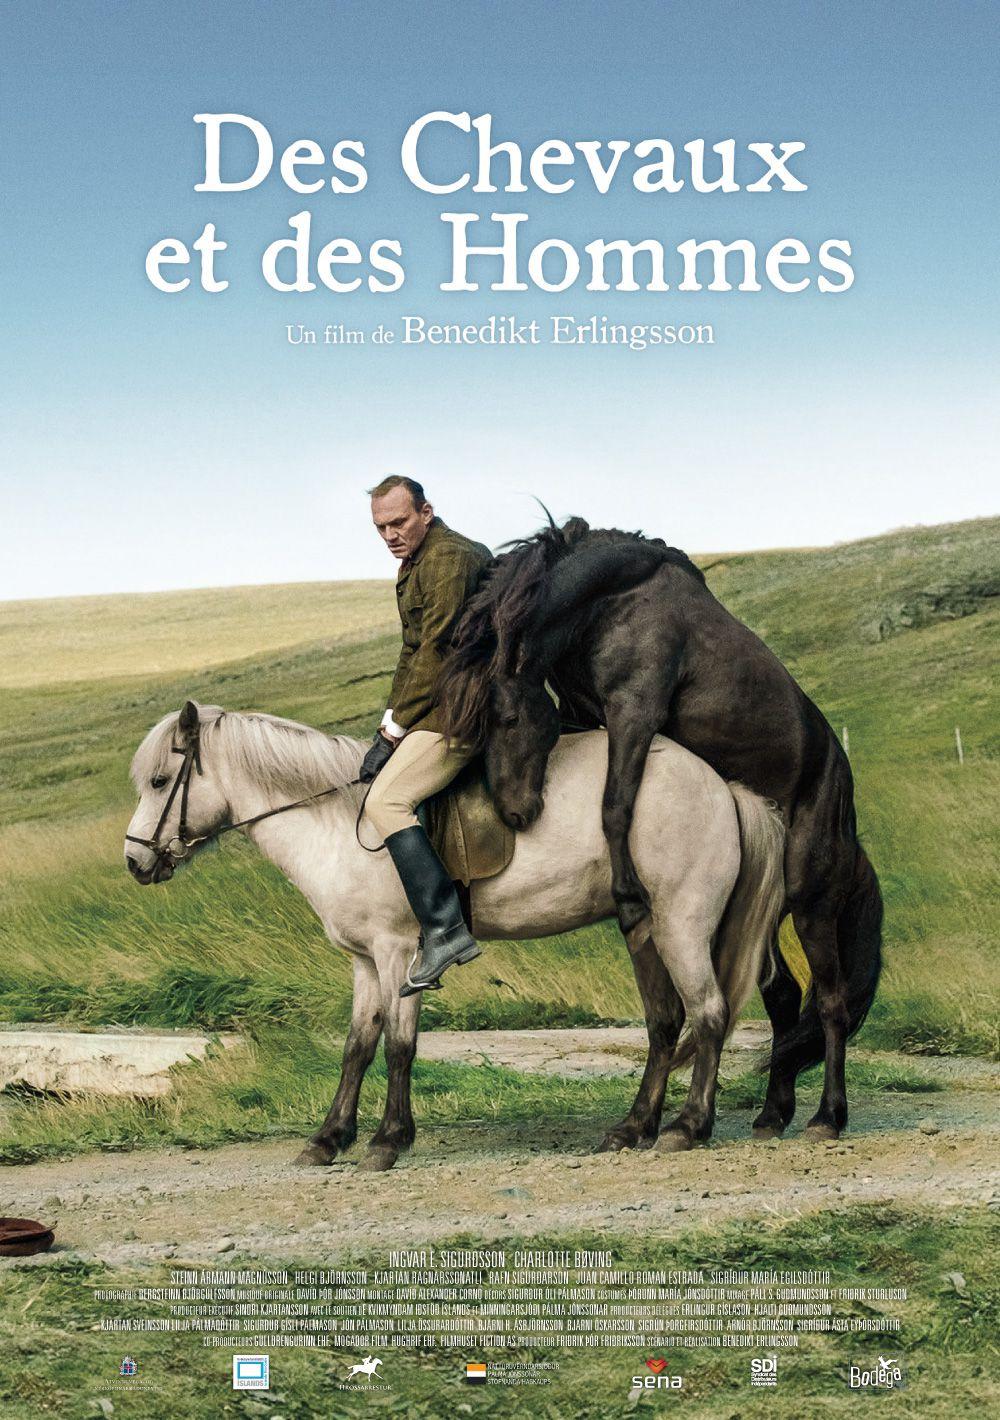 Des chevaux et des hommes - Film (2014)